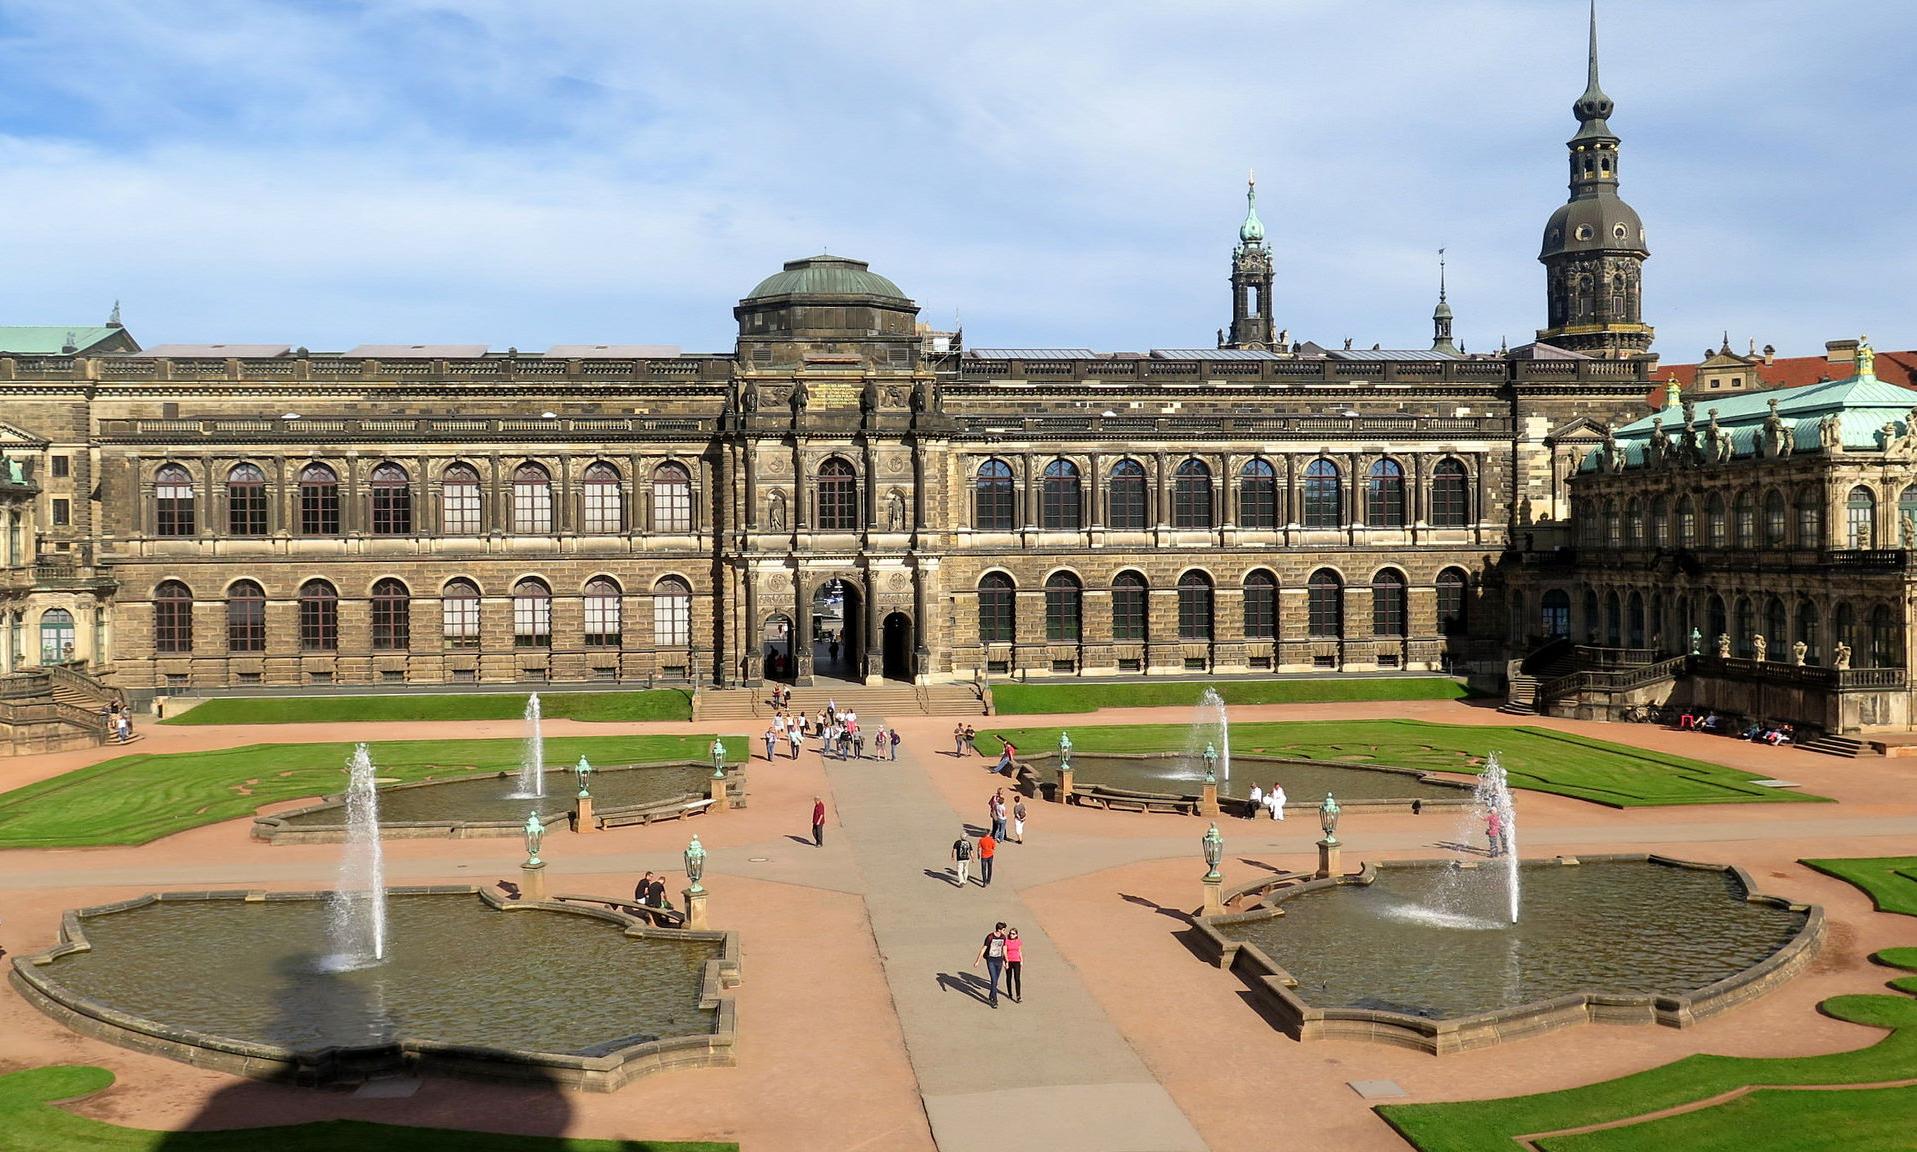 Дрезденская картинная галерея старых мастеров, Дрезден. Отели рядом, фото, видео, как добраться, история, произведения, шедевры, официальный сайт, час